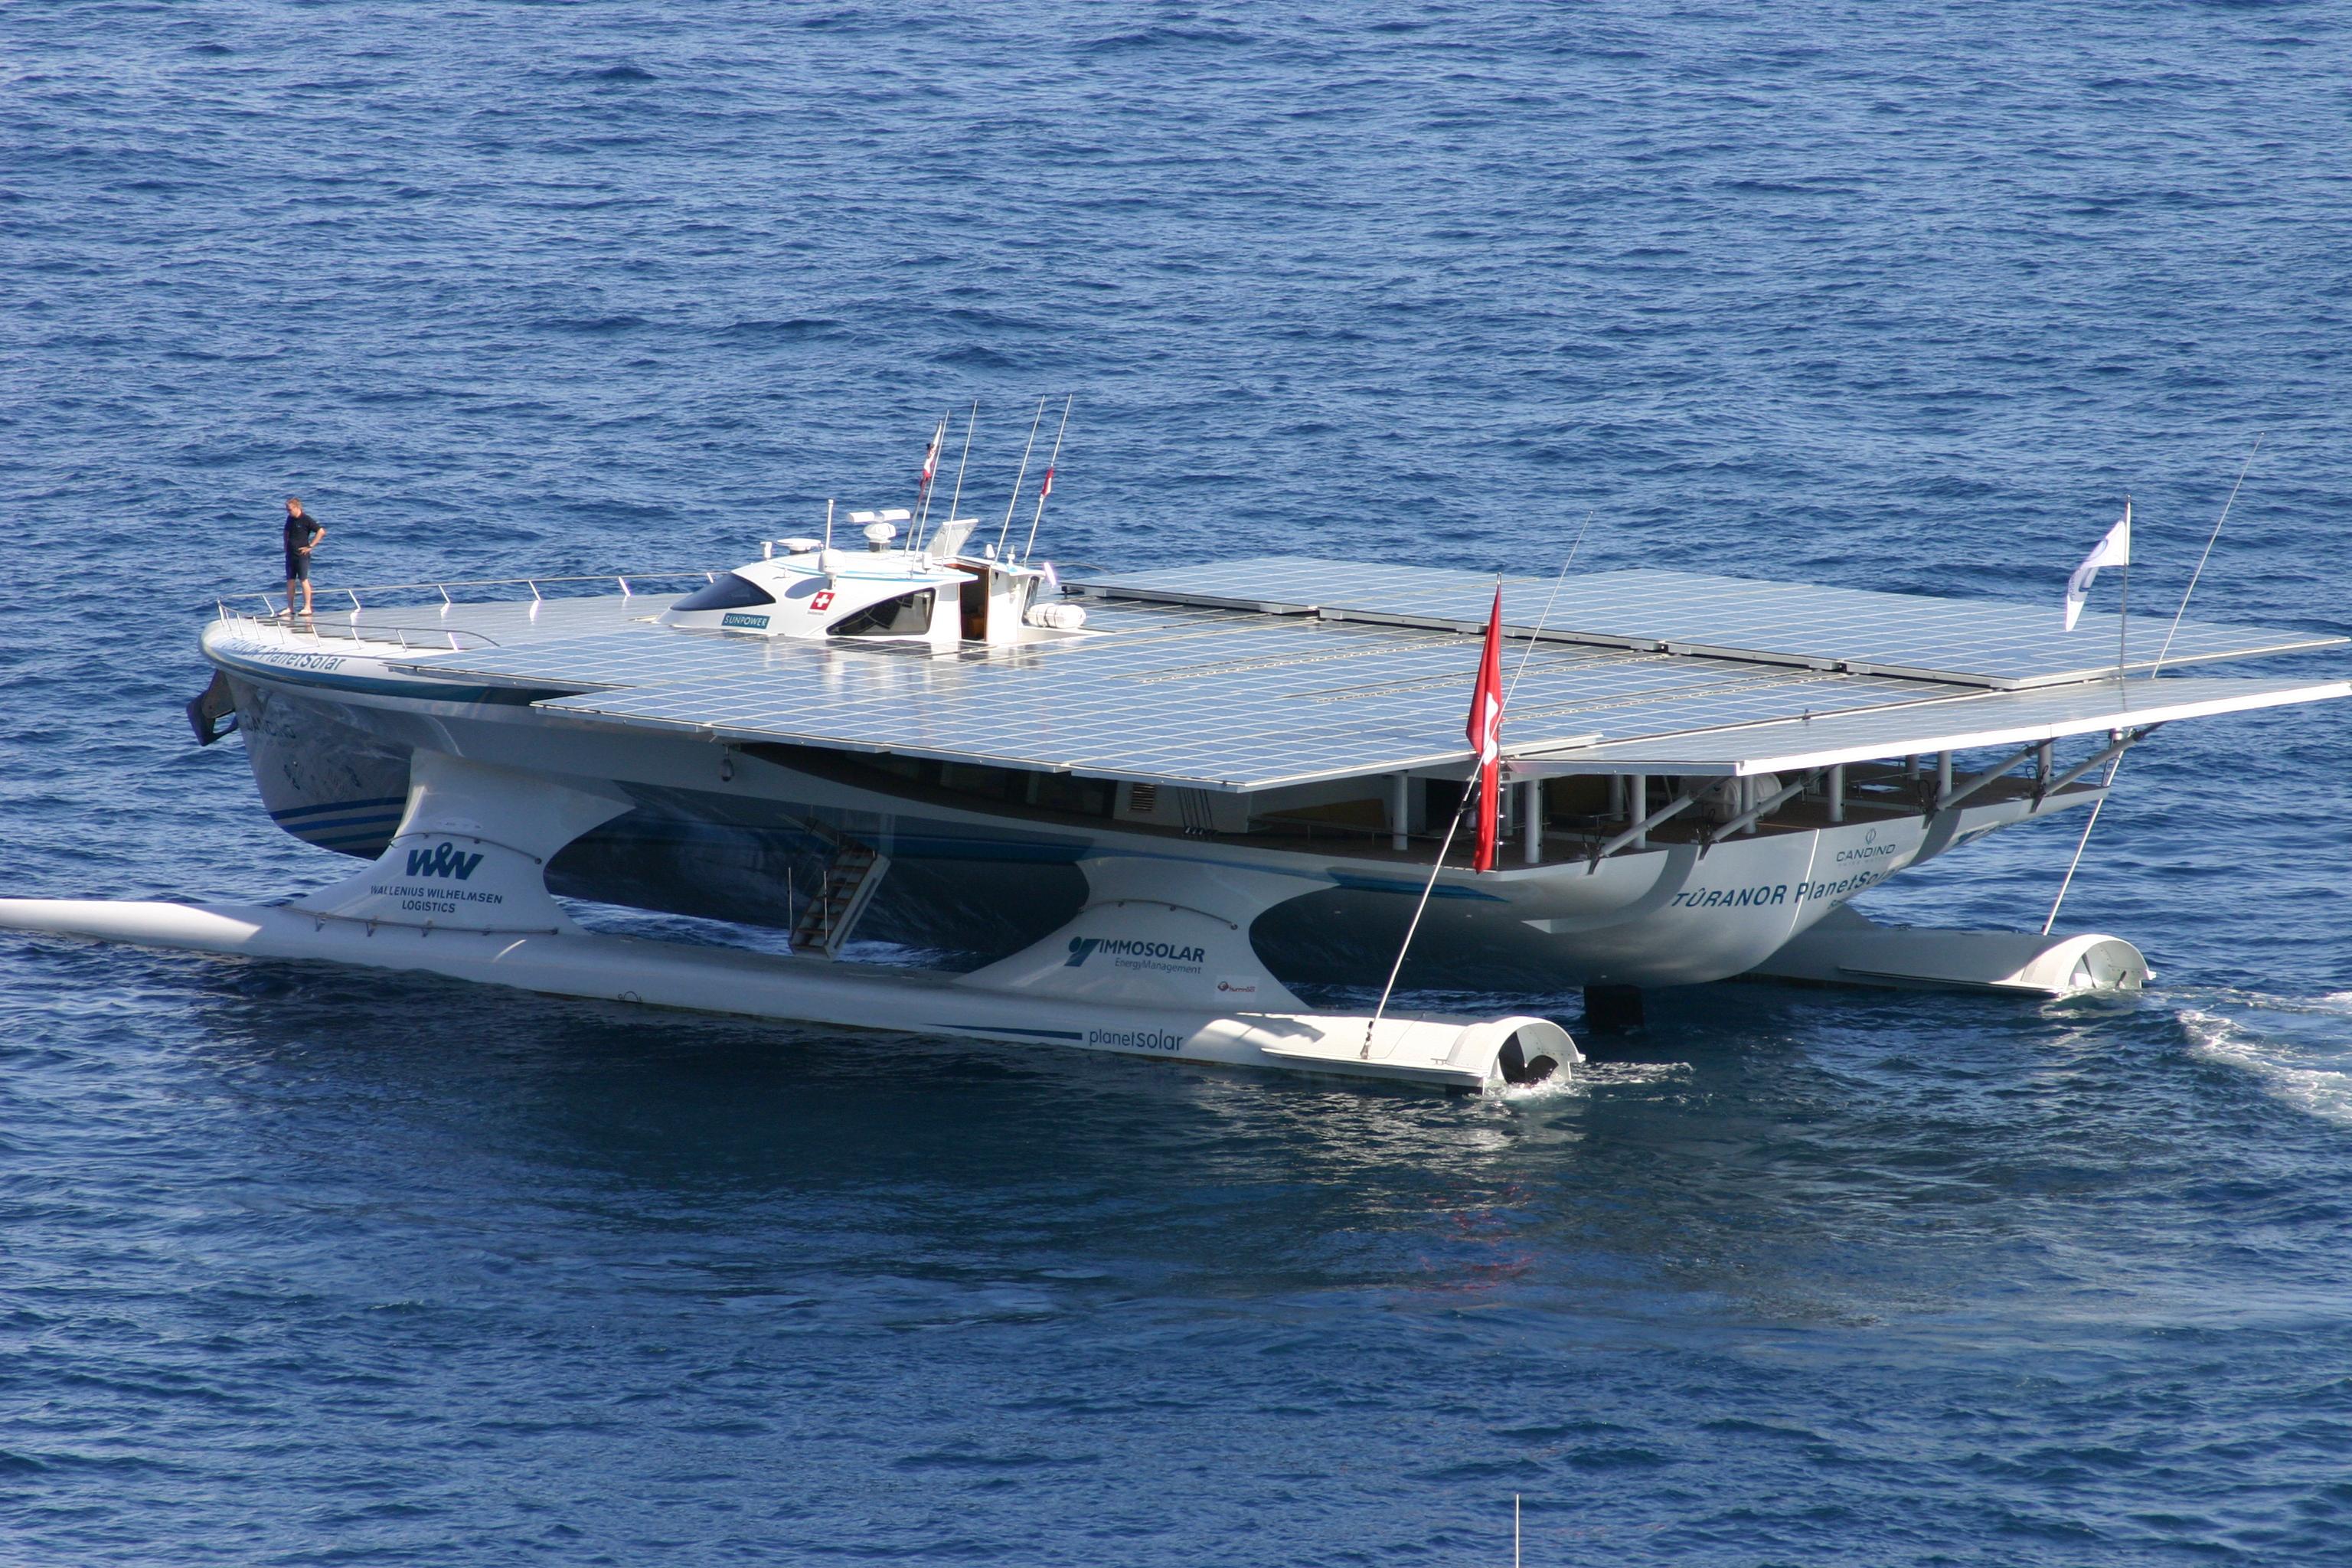 turanor planetsolar mega yacht - photo #18